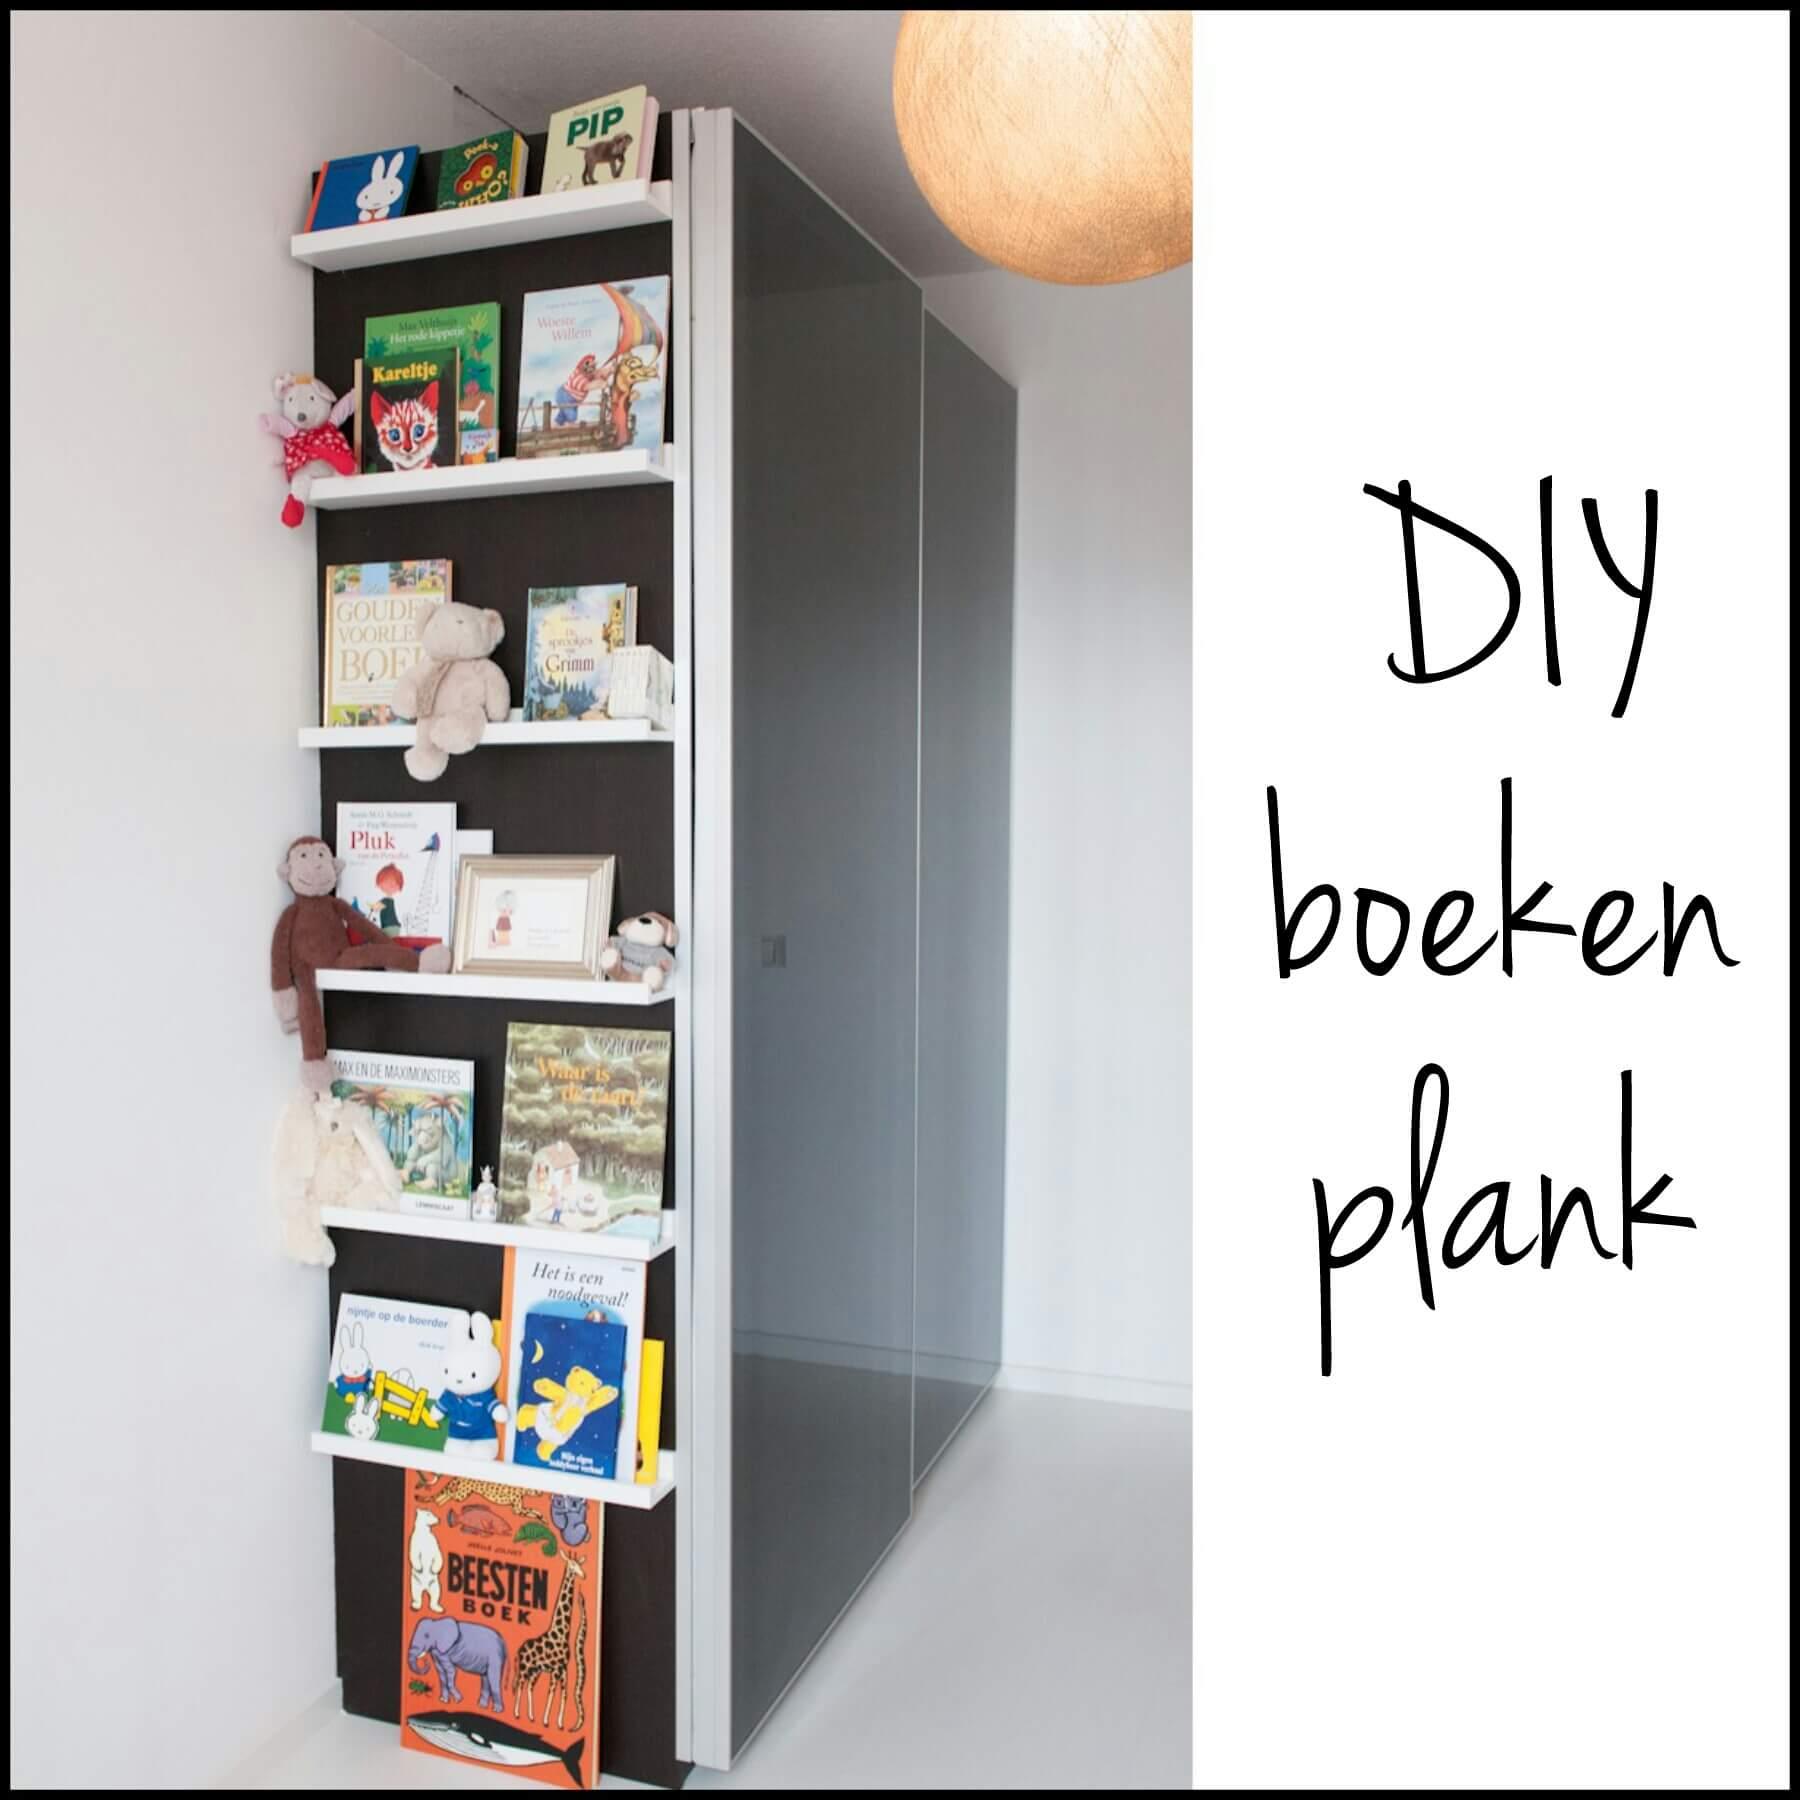 diy boekenplank: zo geef je boeken een leuke plek in de babykamer, Deco ideeën